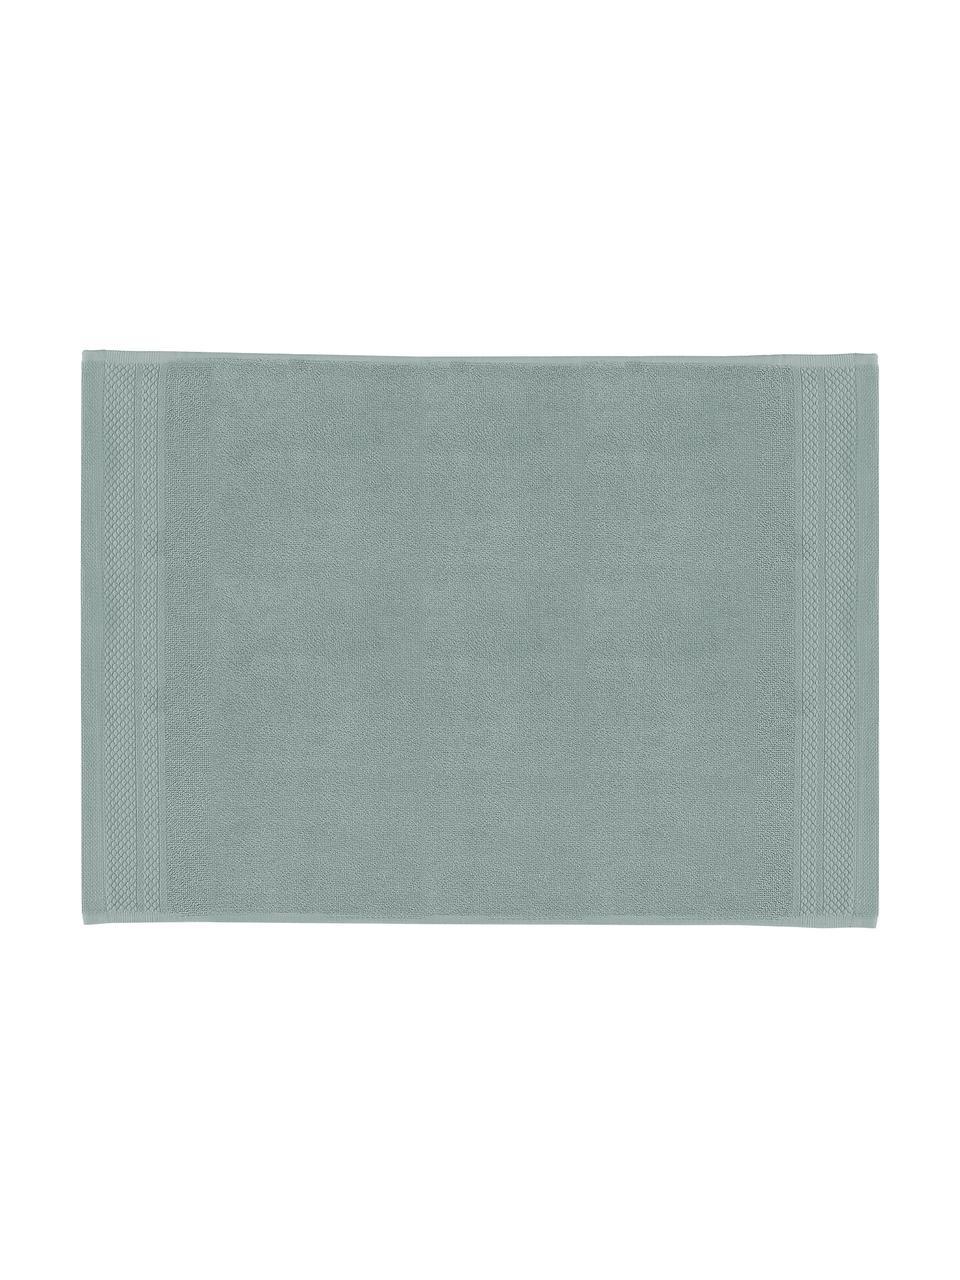 Dywanik łazienkowy Premium, 100% bawełna, wysoka jakość 600 g/m², Szałwiowy zielony, S 50 x D 70 cm